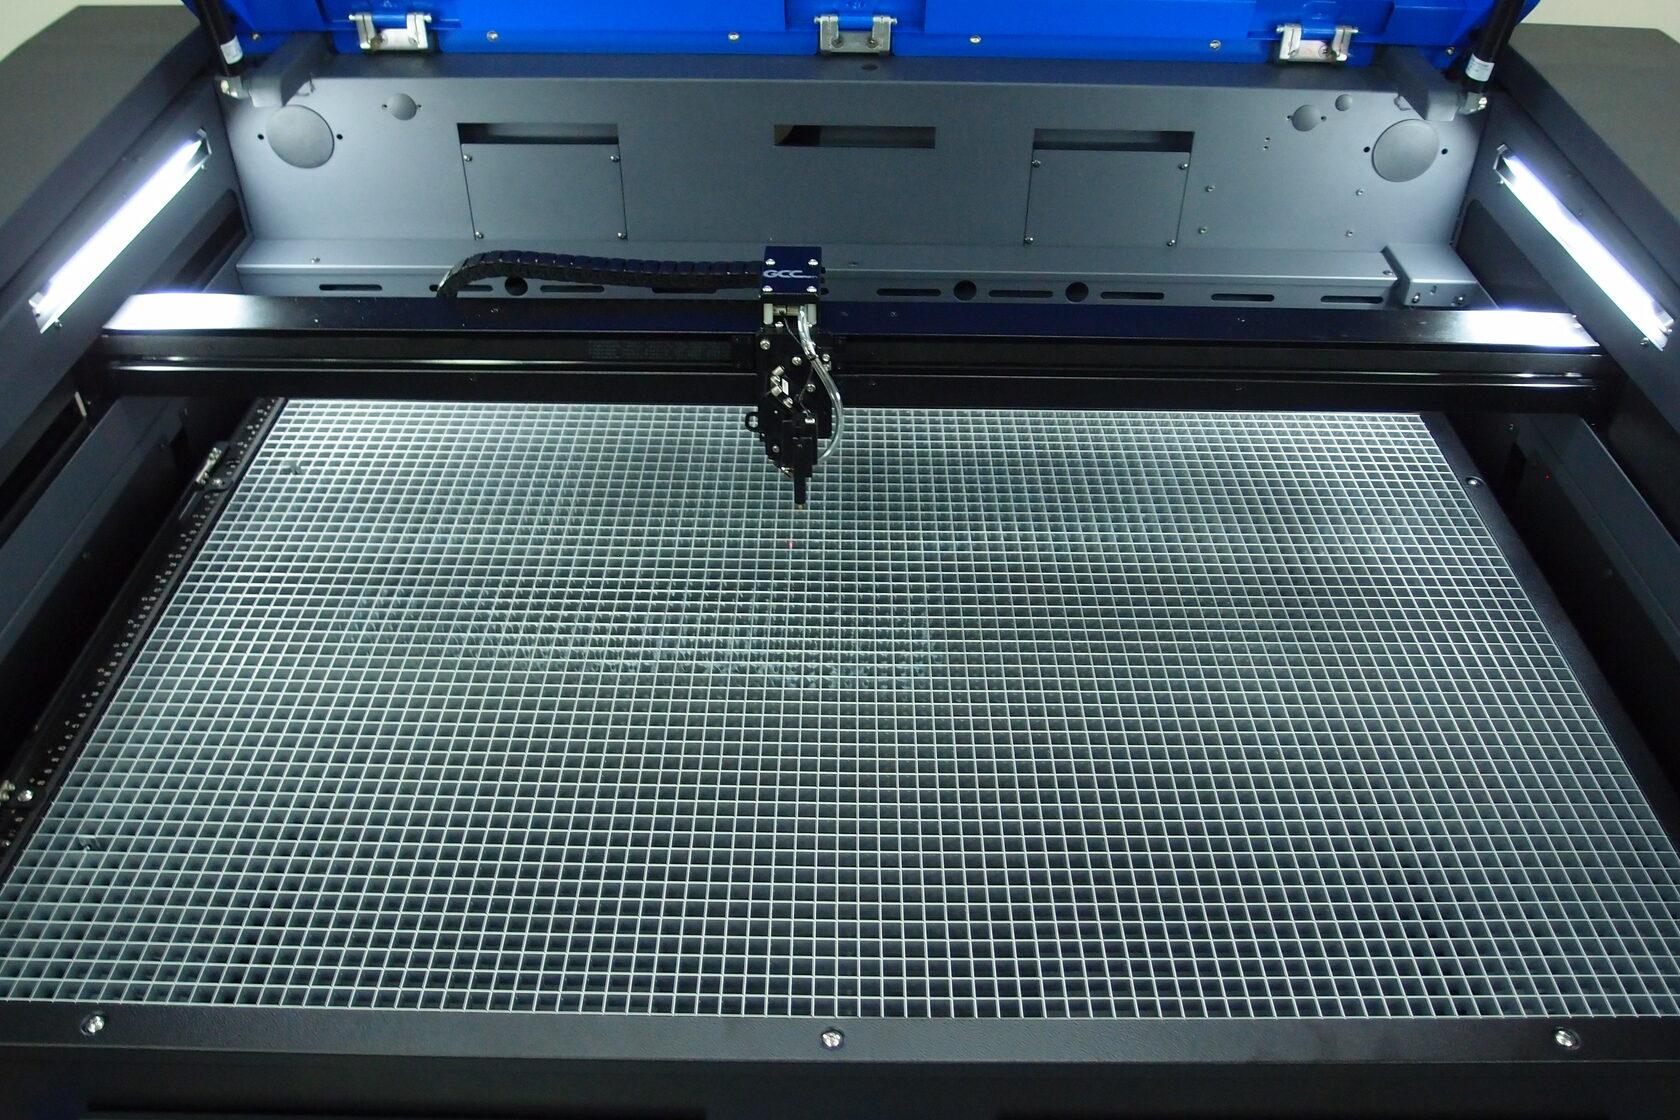 Pracovní plocha laseru S400